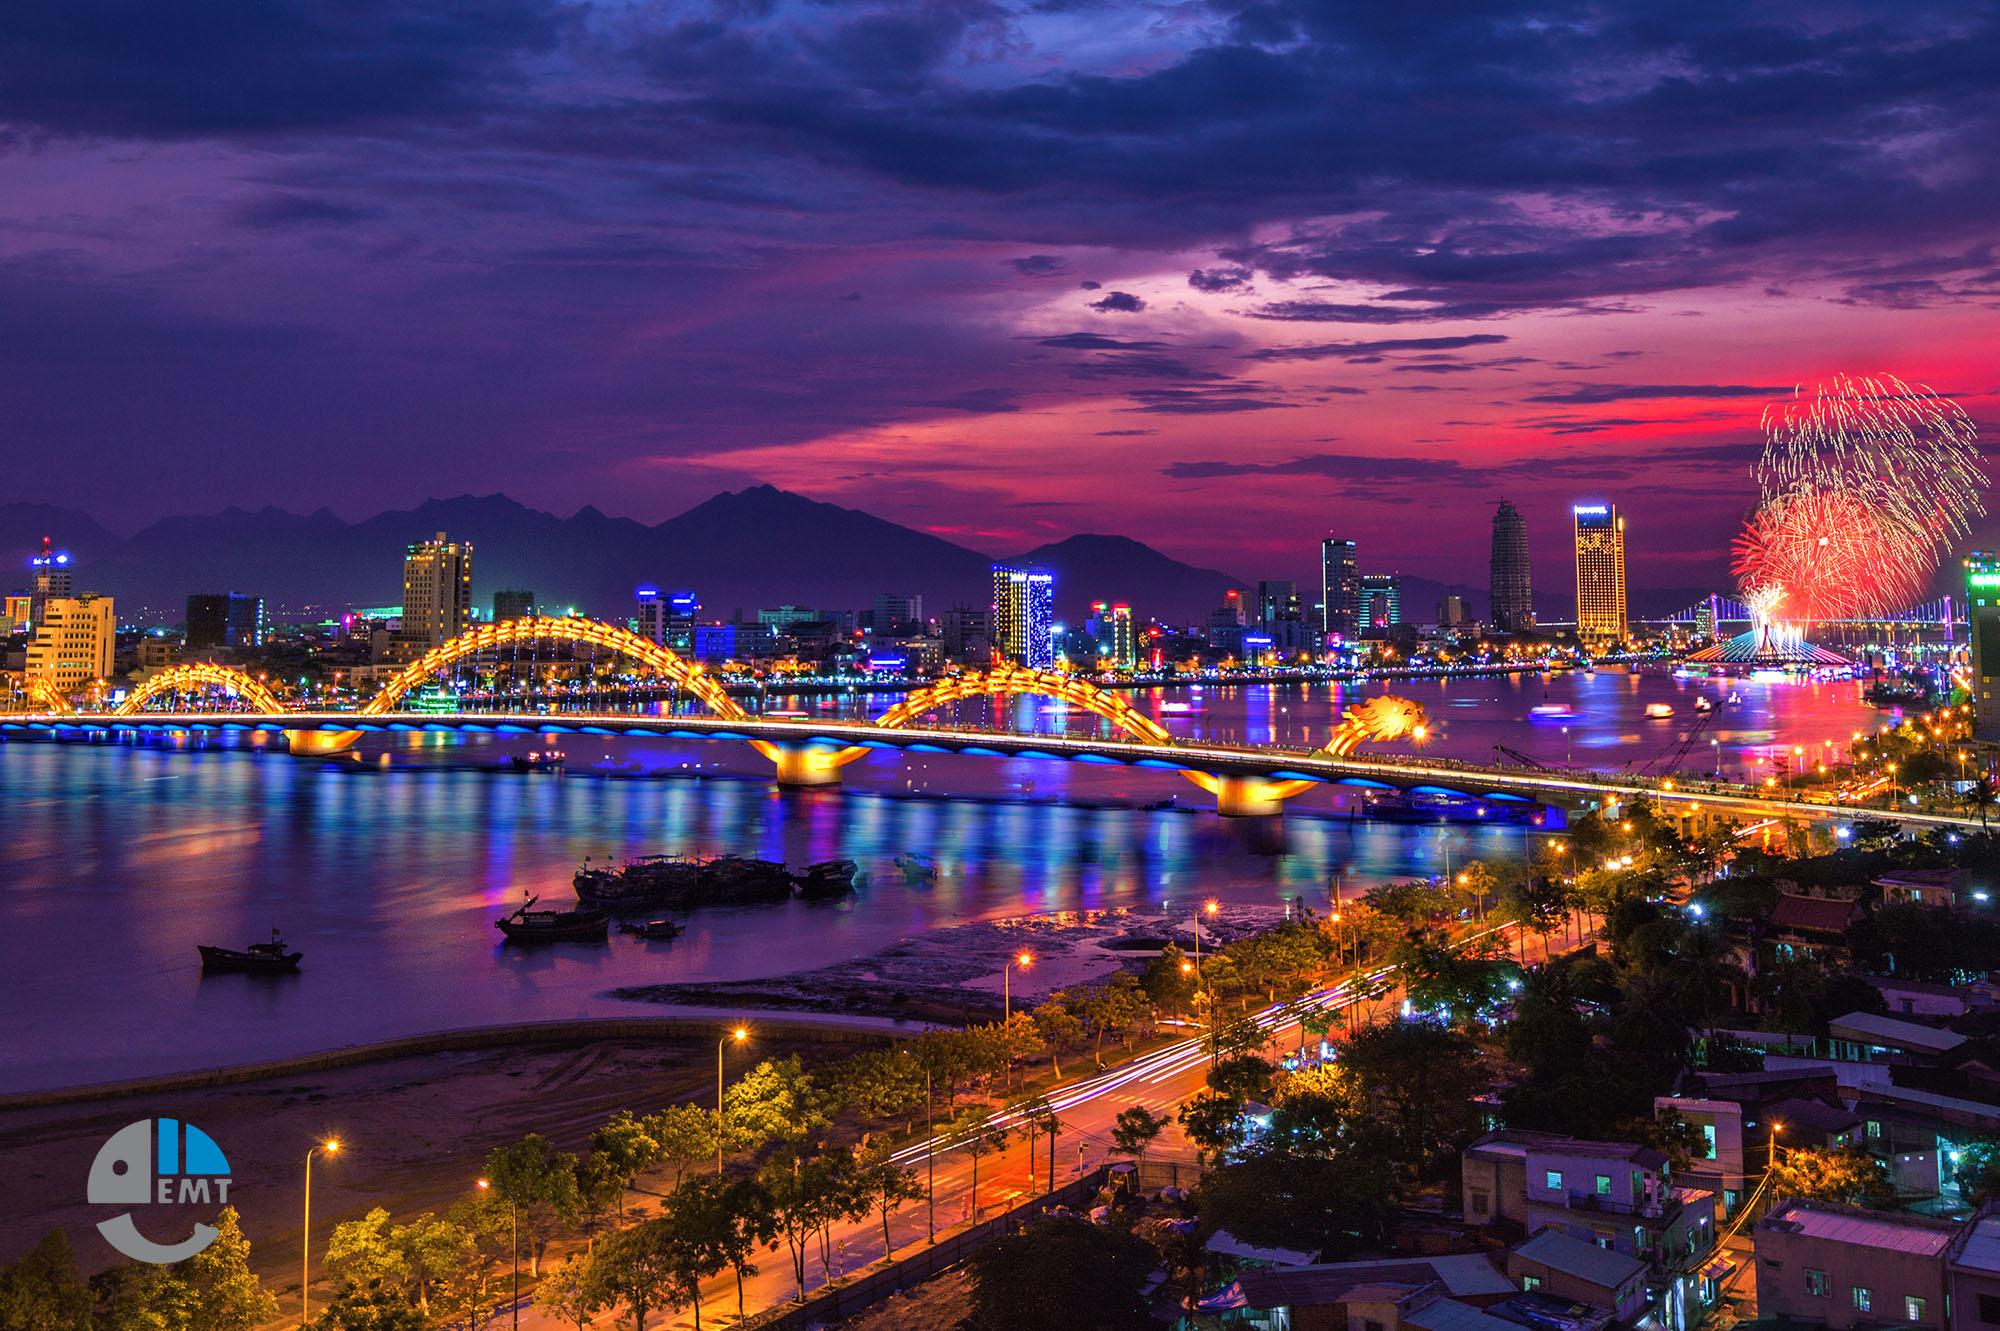 Du lịch Đà Nẵng bằng phương tiện gì?